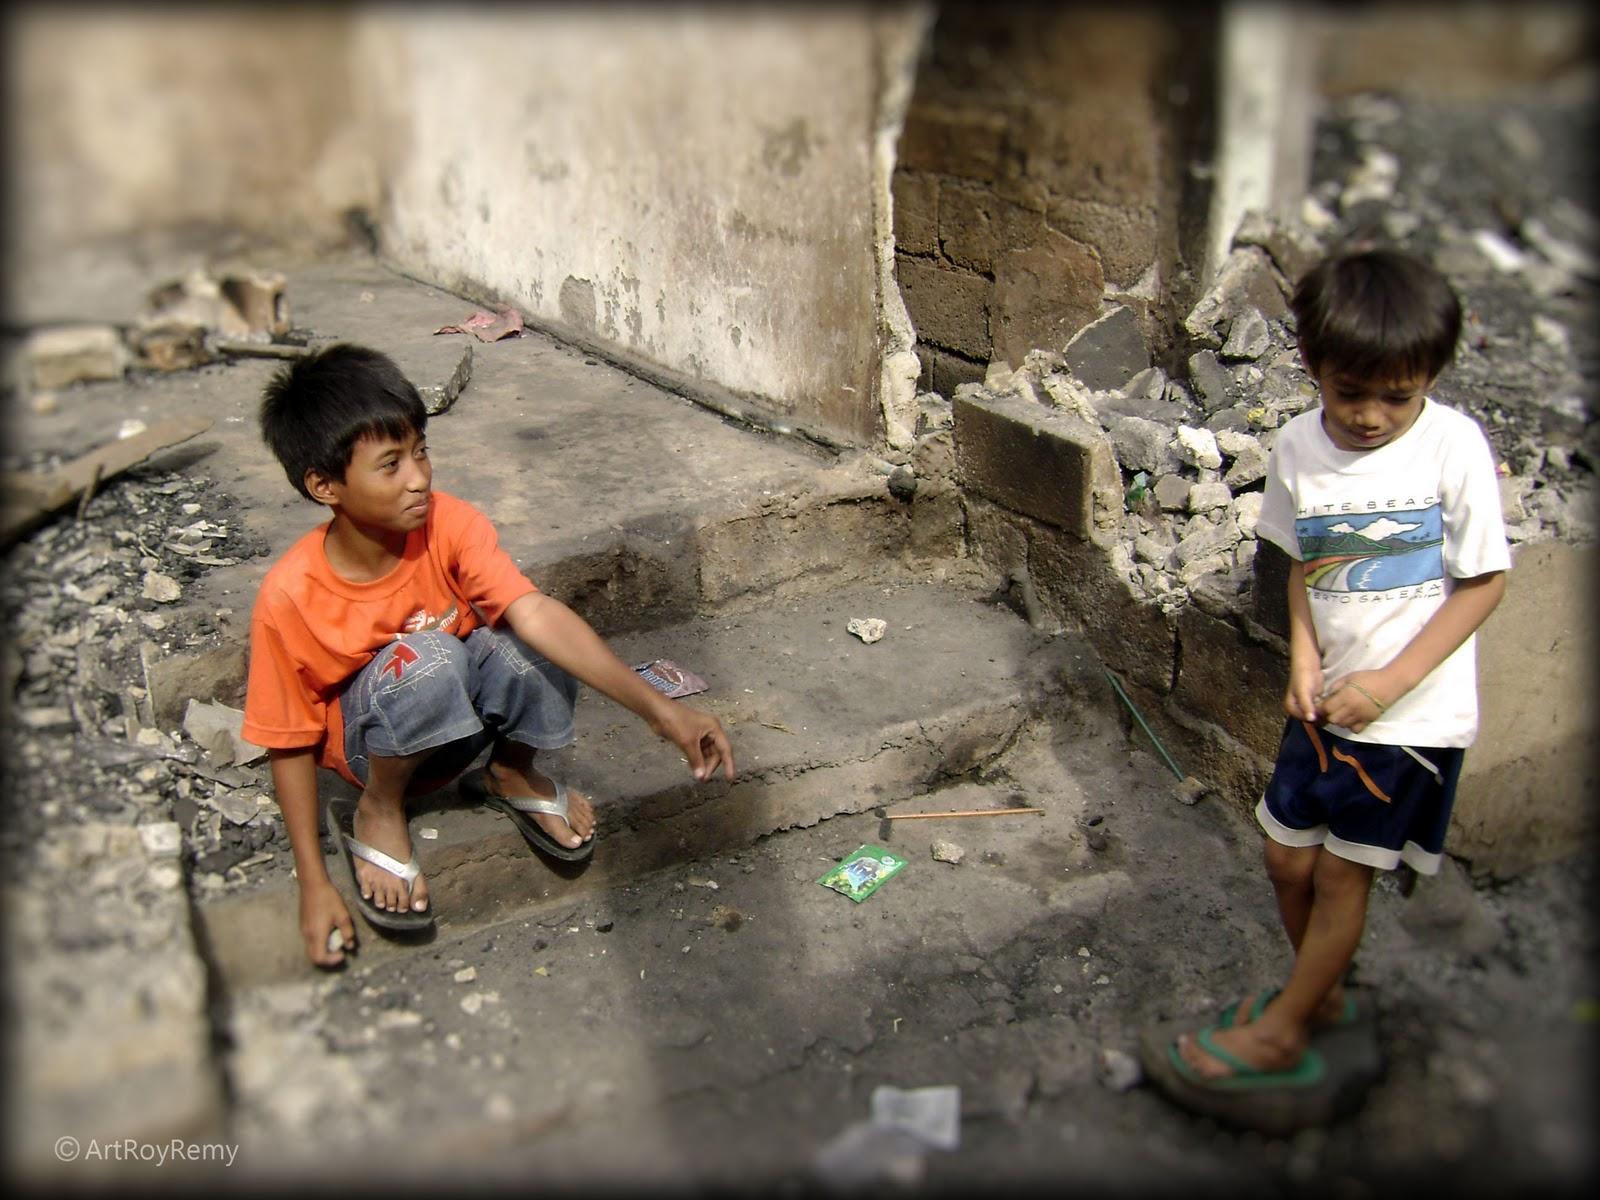 Alamat Halimbawa: 10 Pinaka Sikat na mga Alamat sa Pilipinas